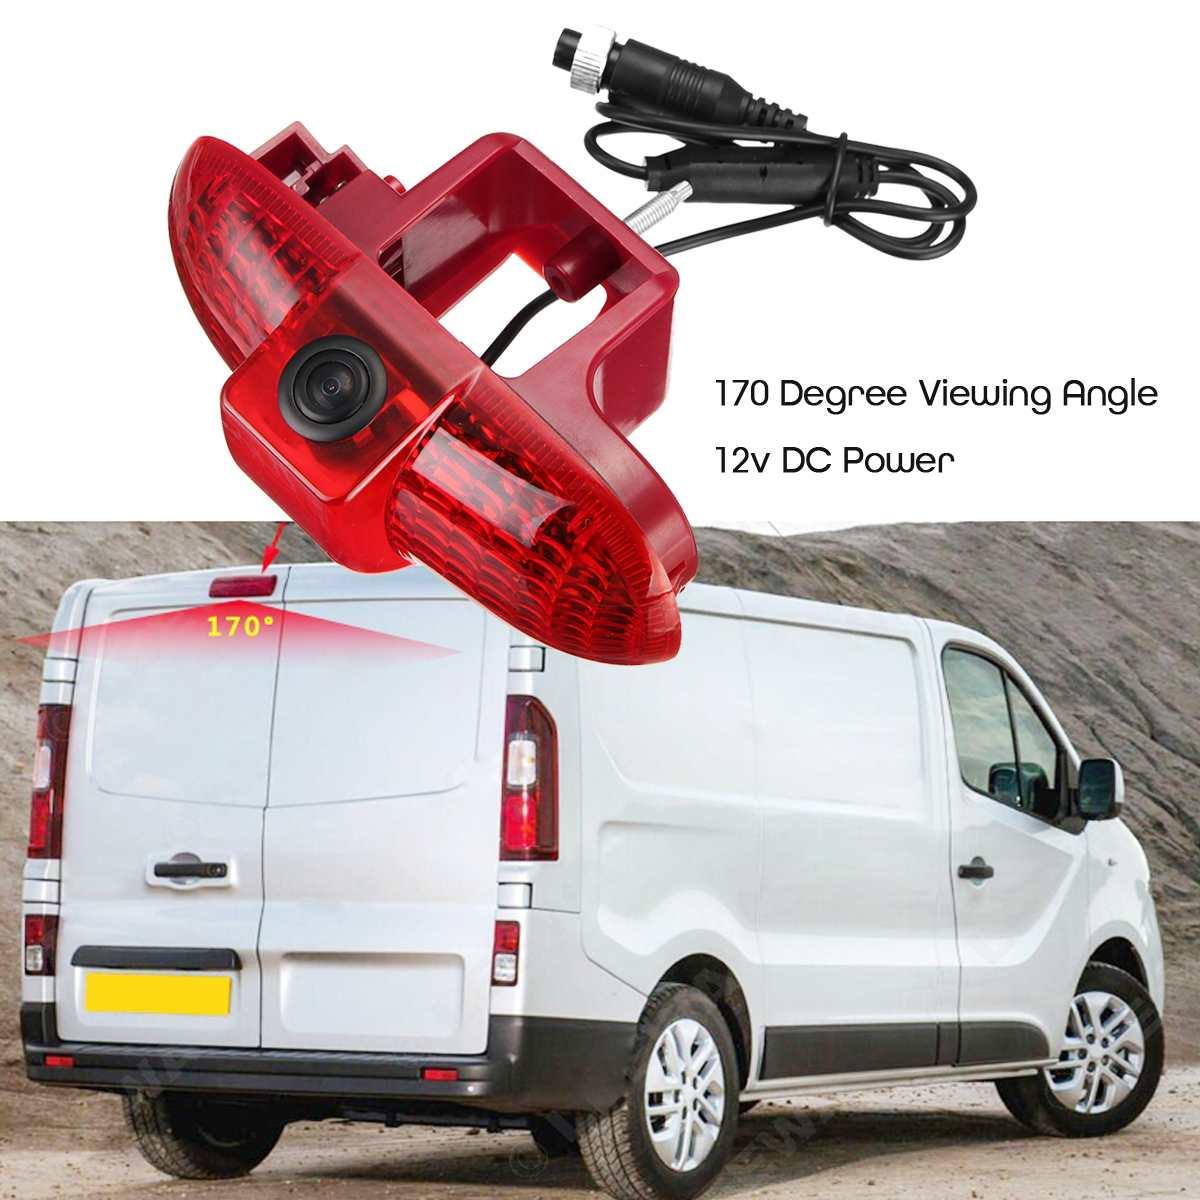 170 grados de coche de copia de marcha atrás cámara de Vista trasera de la luz de freno para Renault Trafic 2001-2014 Cable de extensión de 10 M